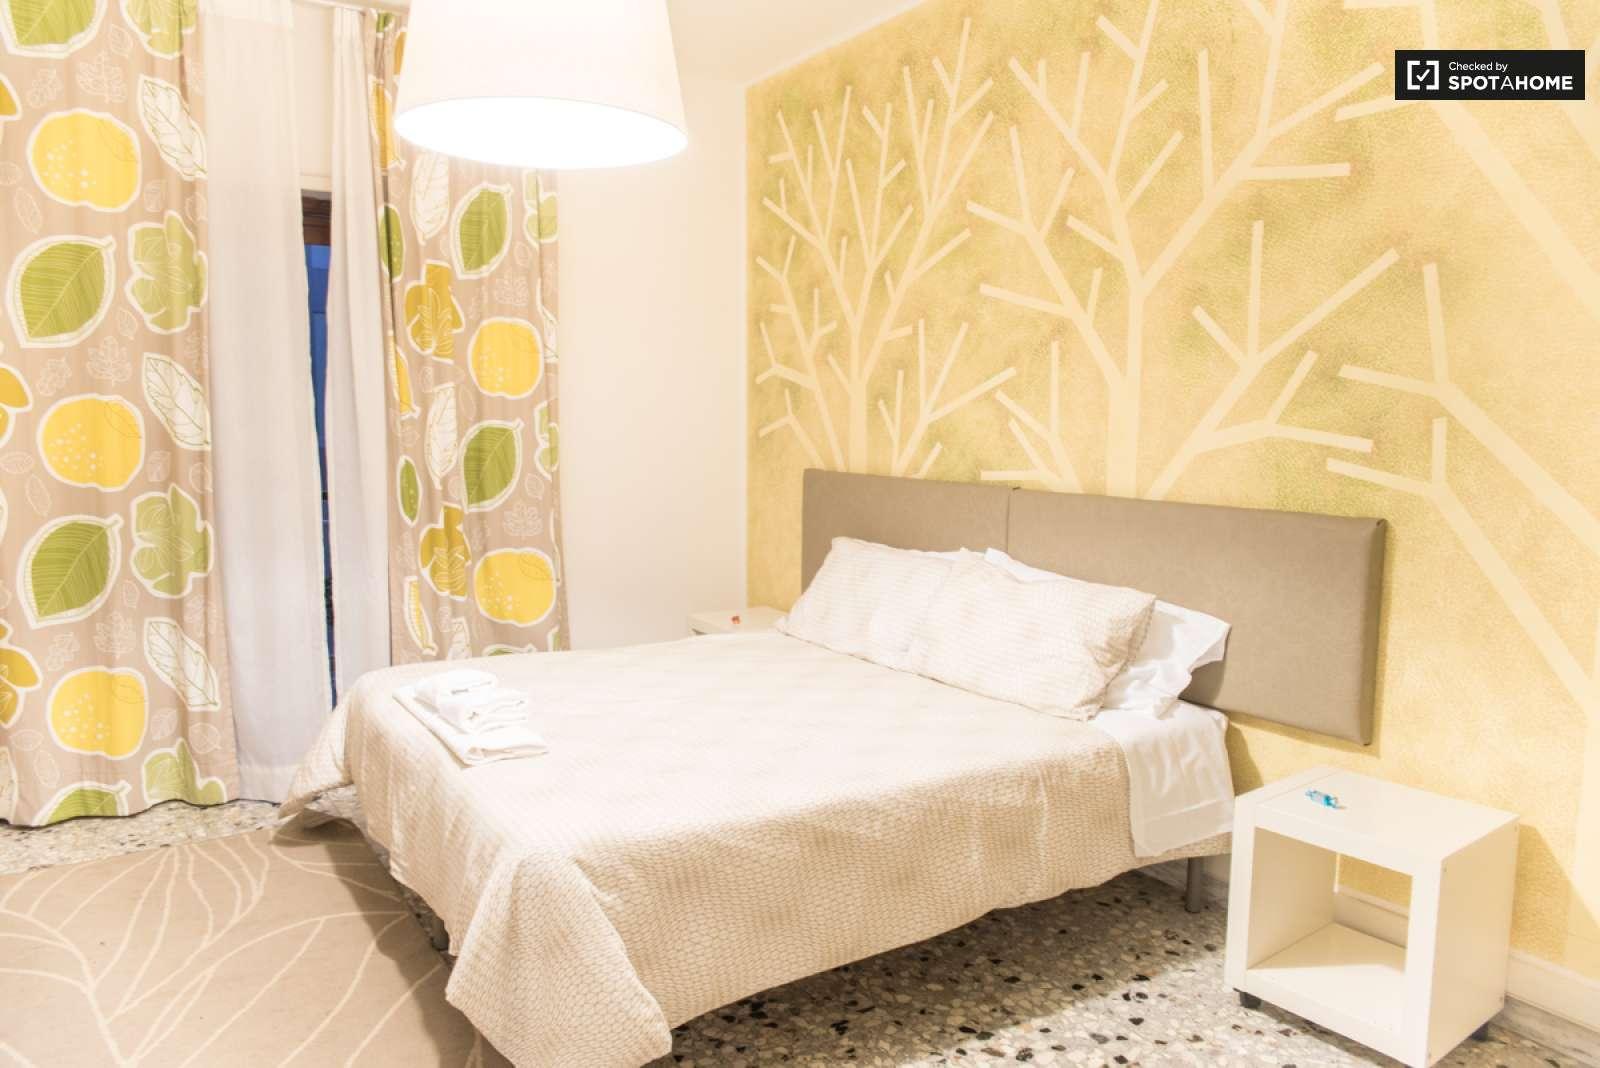 Stanze con televisione e bagno privato a Roma (ref: 97943) | Spotahome